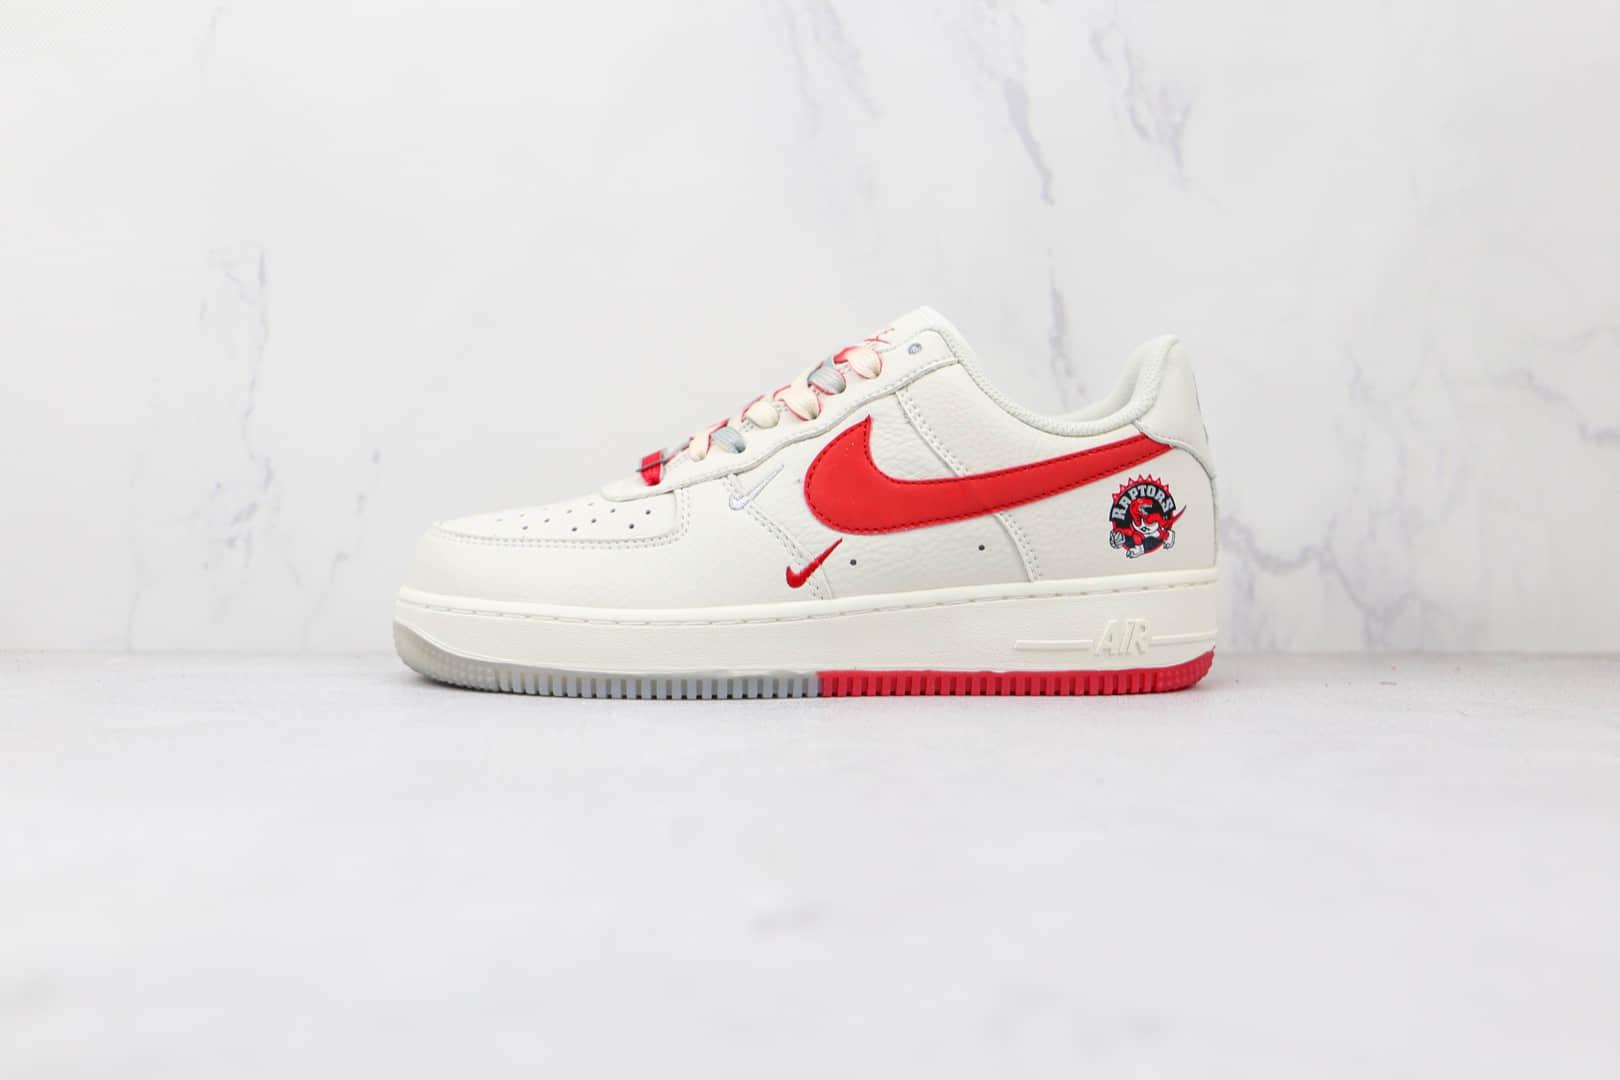 耐克Nike Air Force 1 Low '07纯原版本低帮空军一号多伦多猛龙队白灰红色板鞋内置气垫 货号:CH2608-216